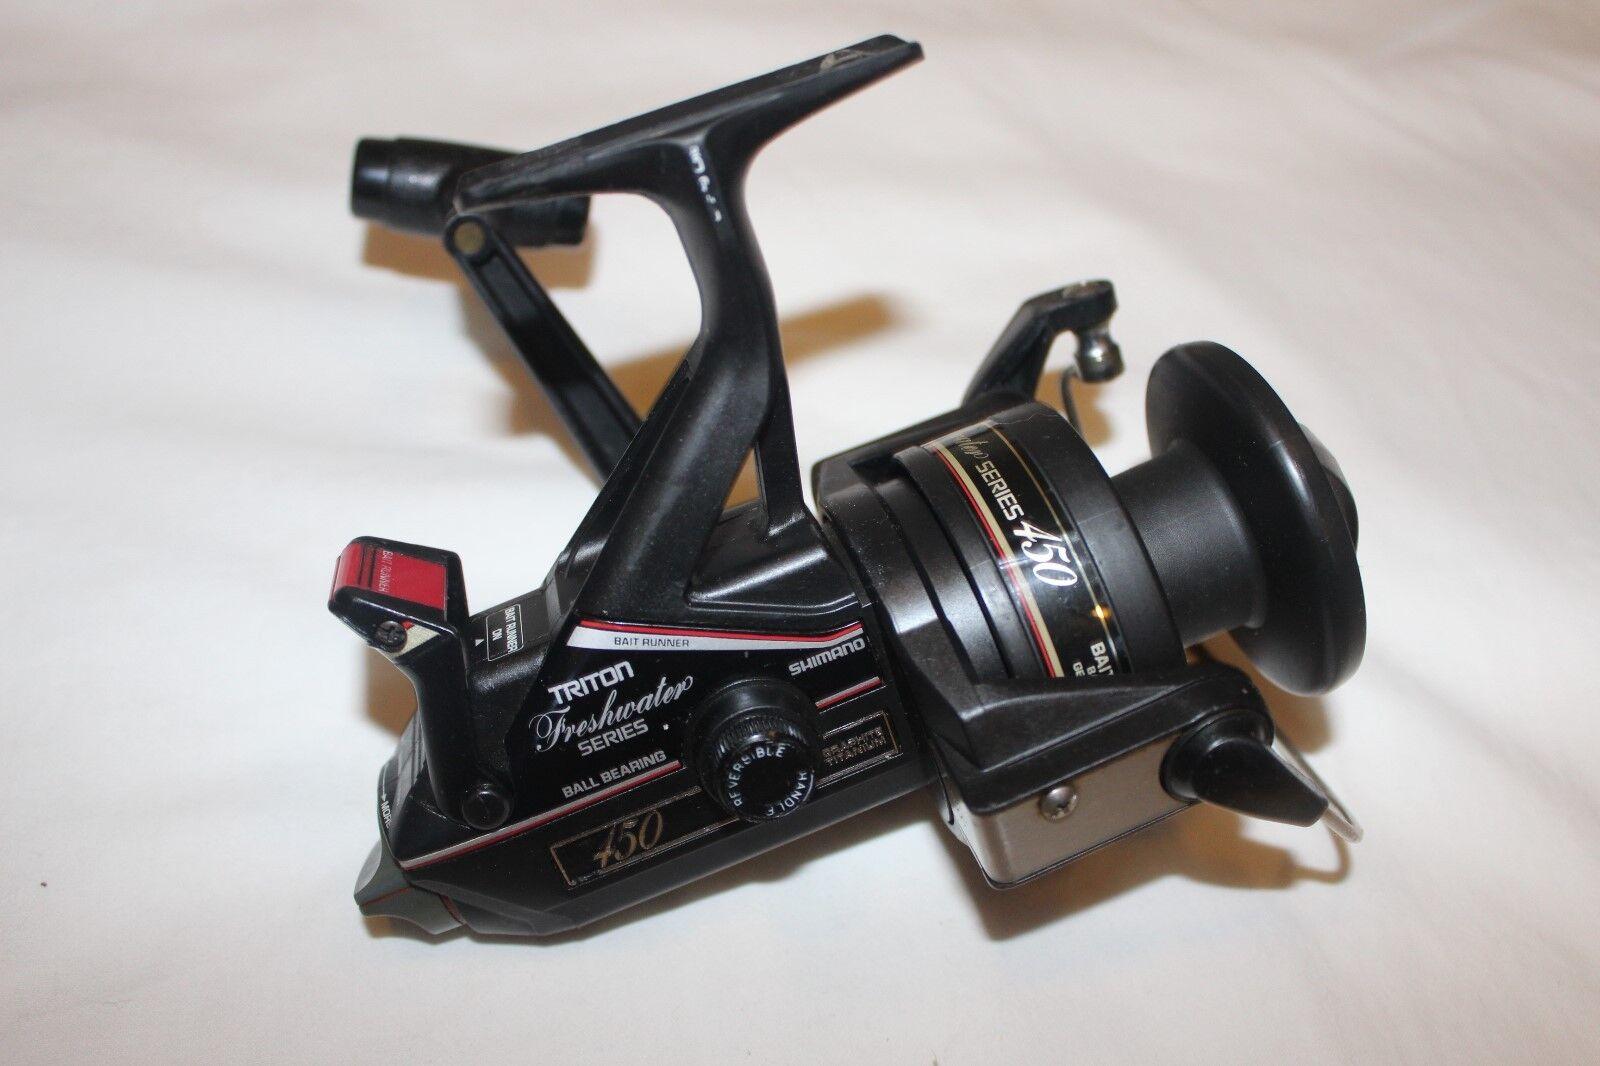 Shimano BAITRUNNER 450-Triton freshwater series-Made in Japan-nr-1158